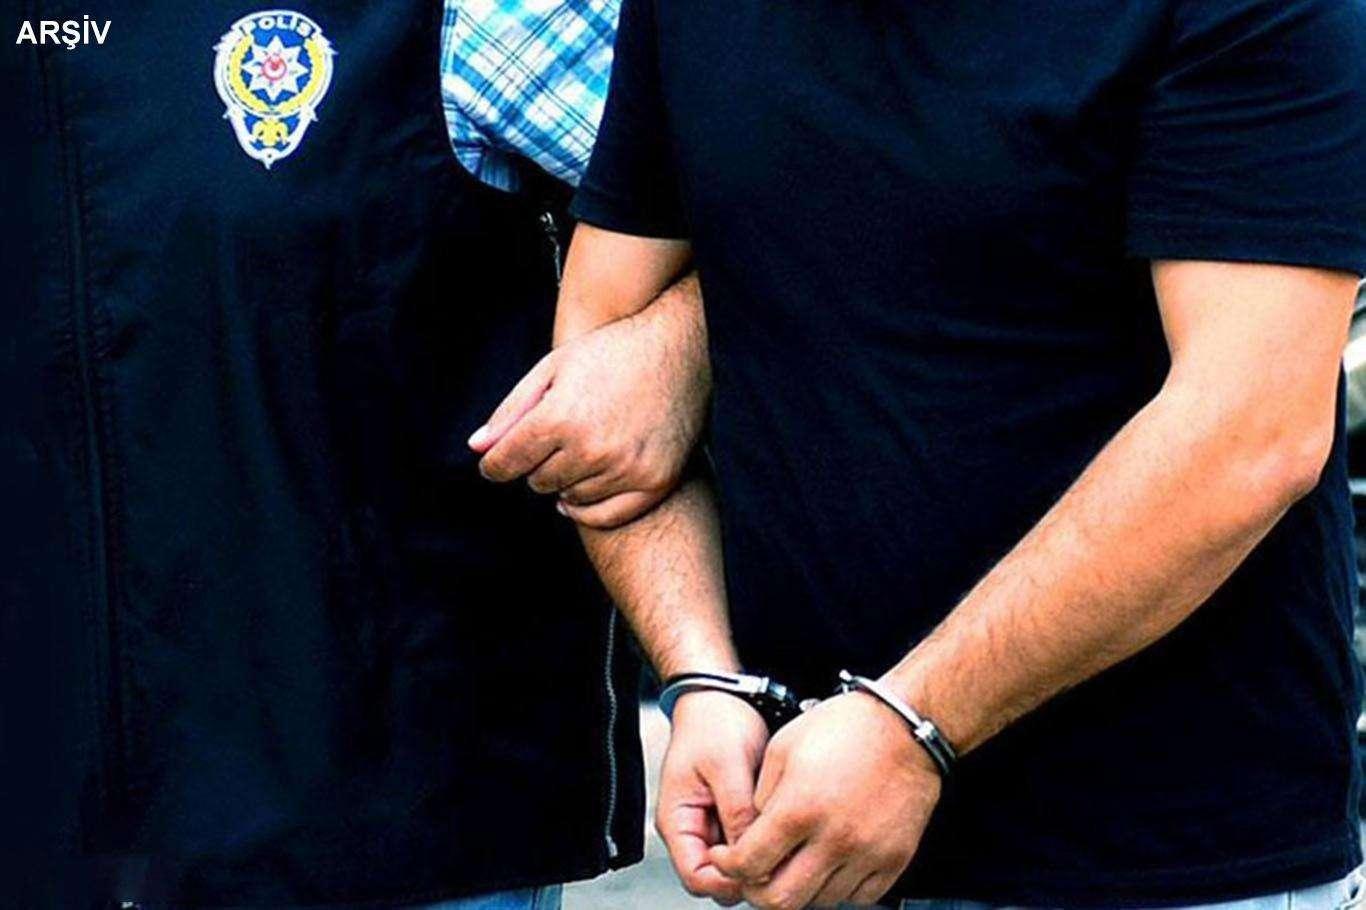 Şanlıurfa'da uyuşturucu madde ele geçirildi